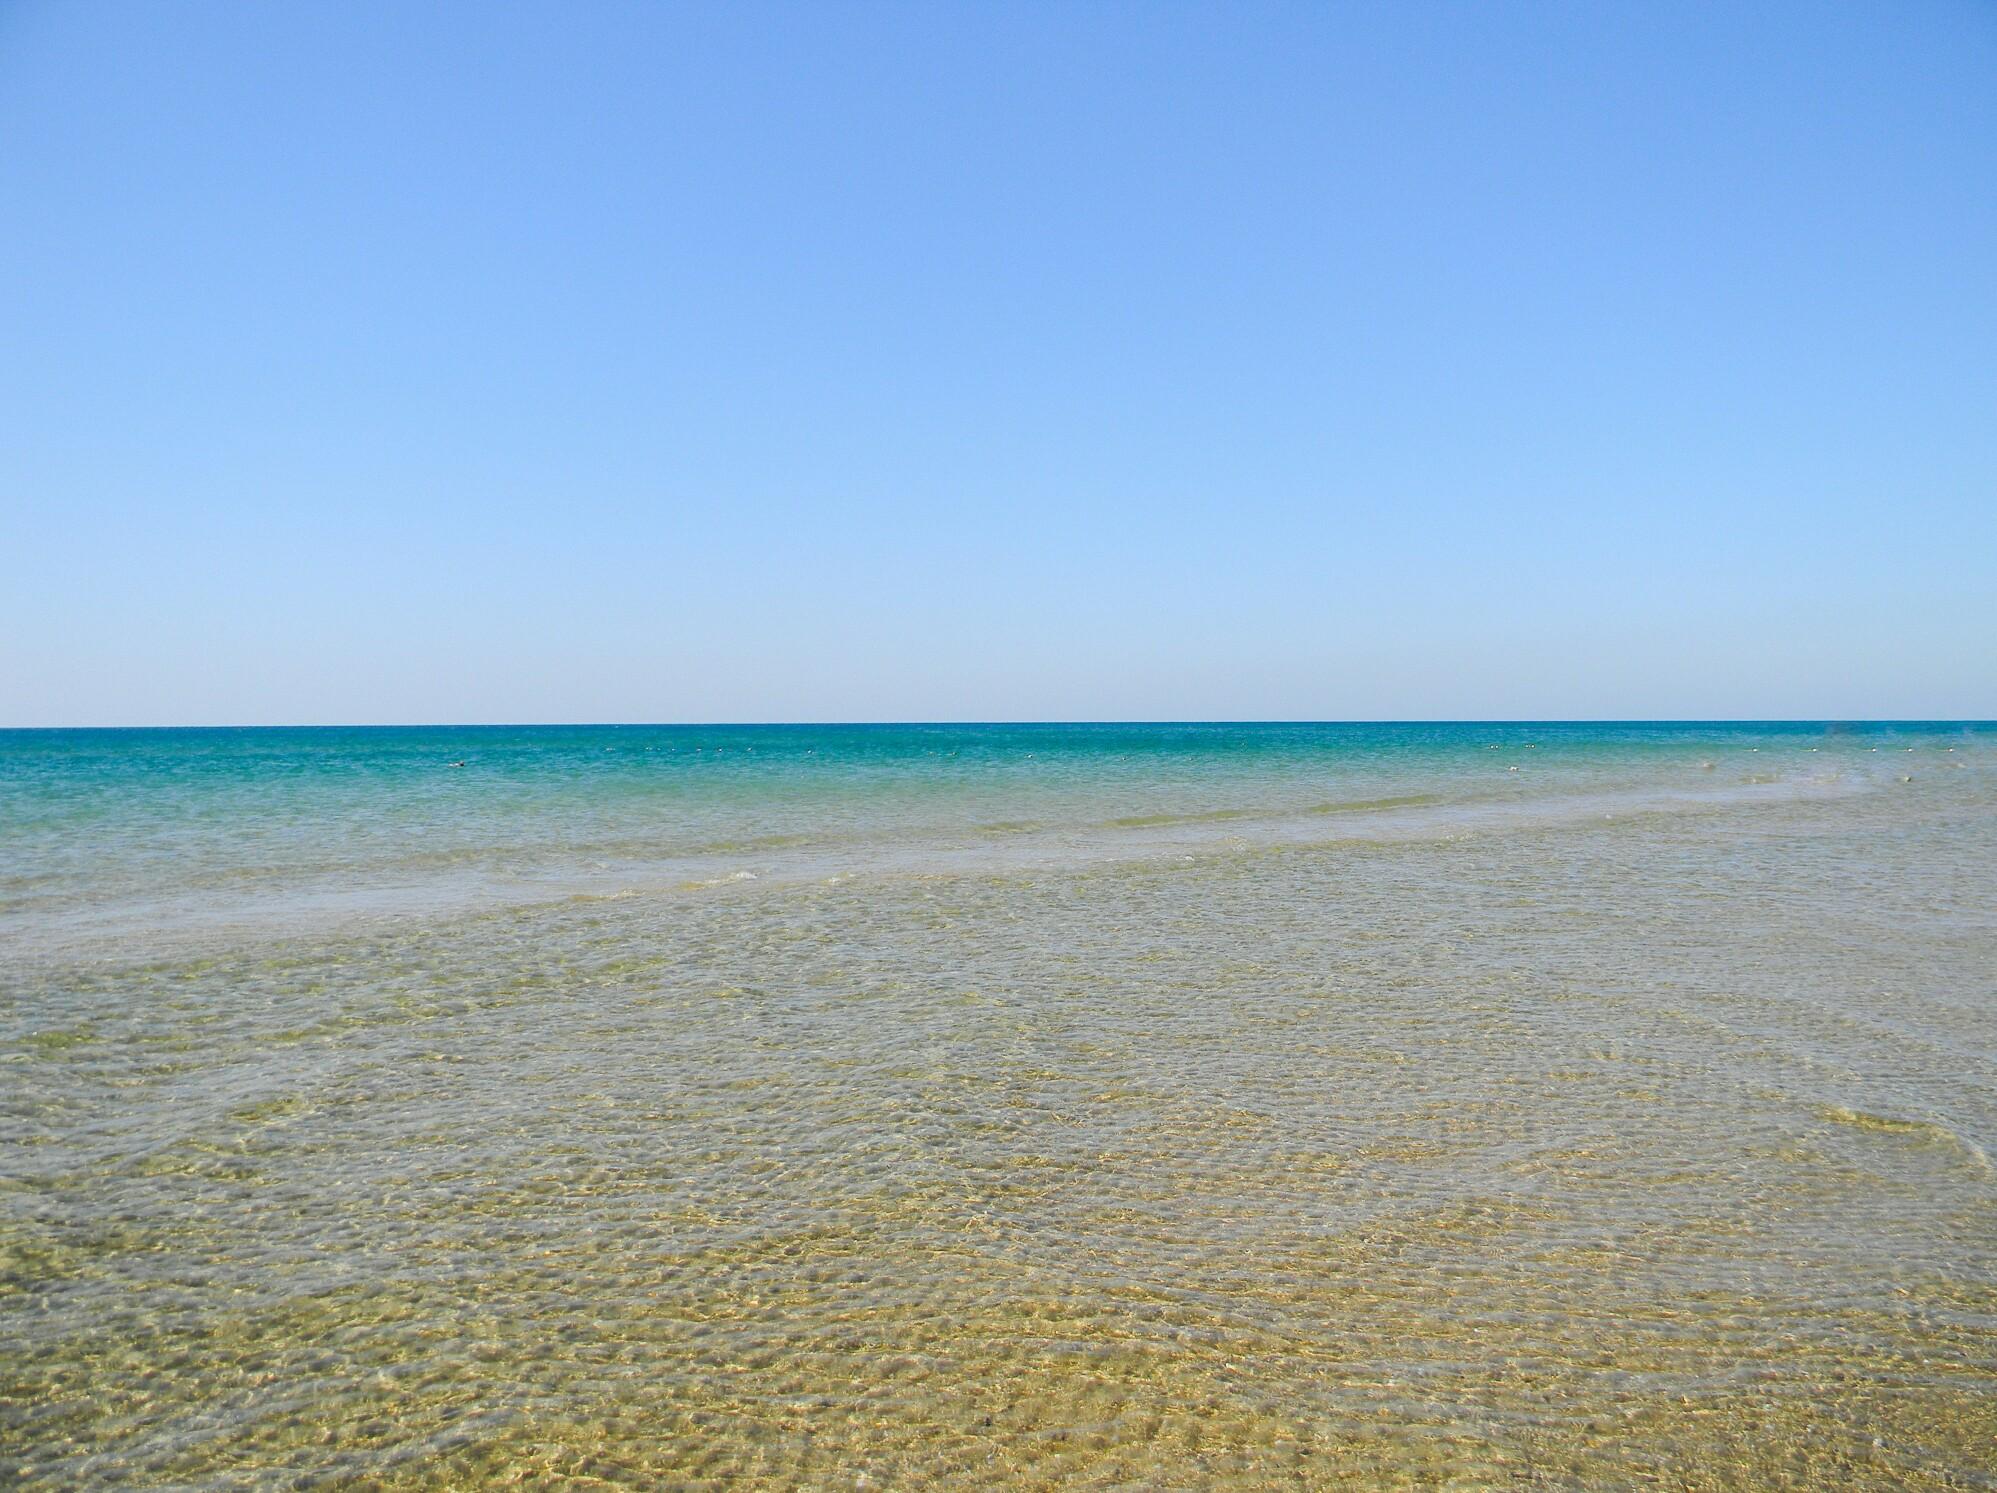 фото моря витязево анапа вариант теста